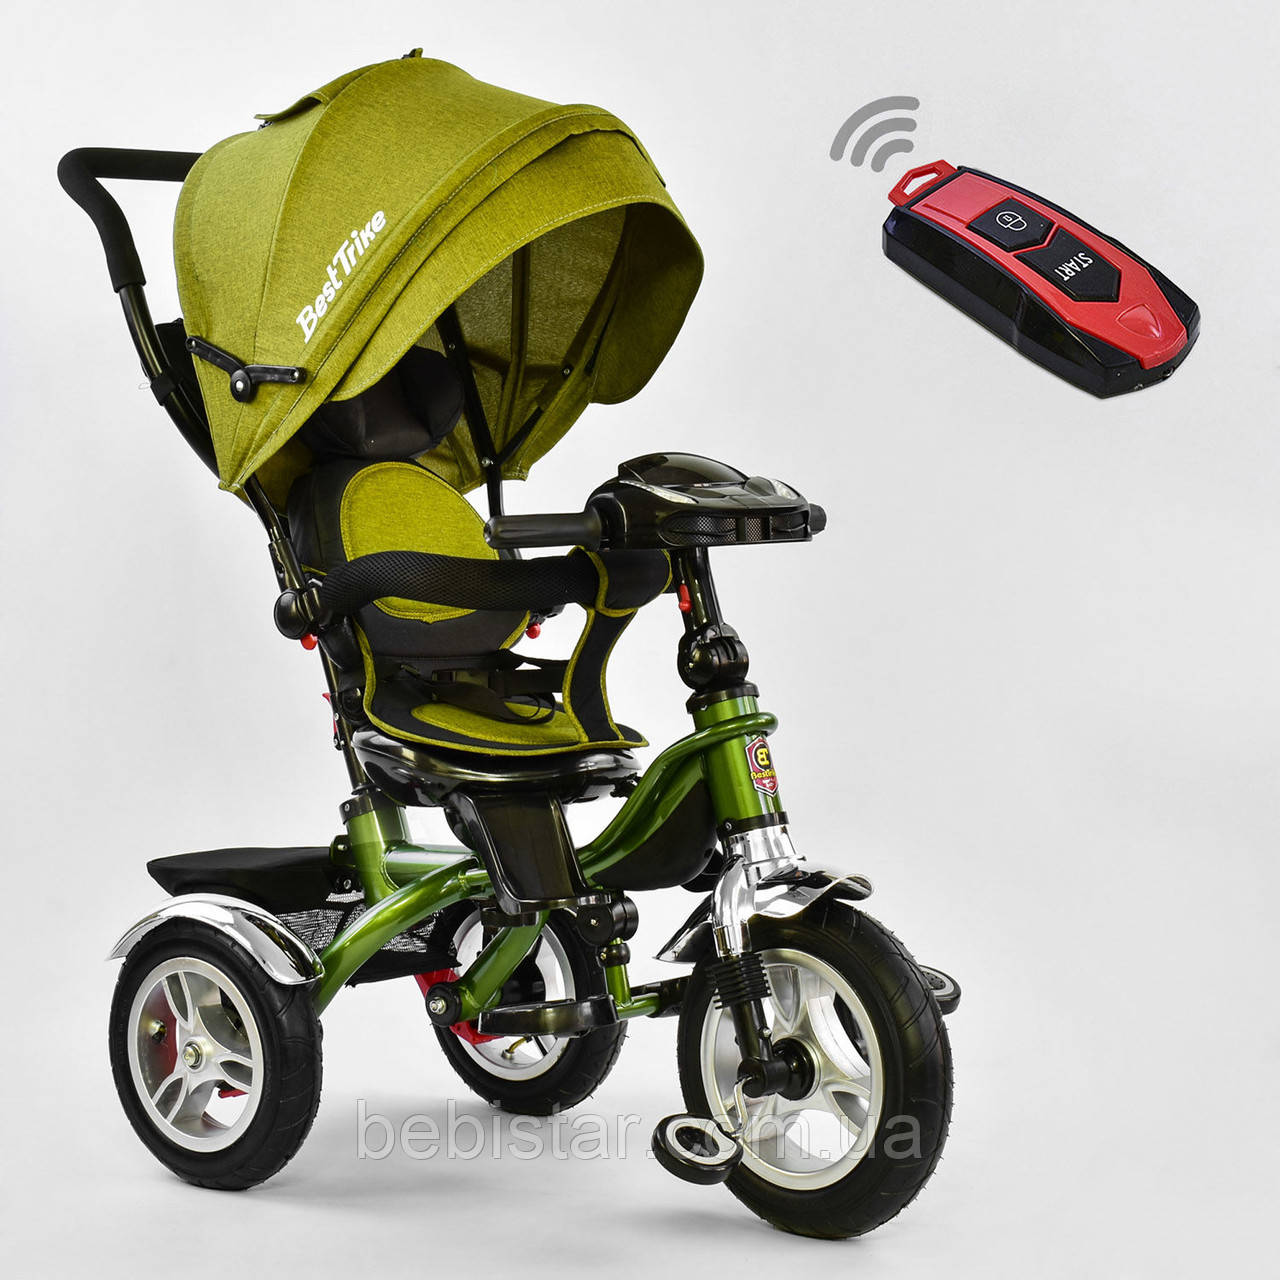 Трехколесный велосипед хаки Best Trikeмодели5890 с пультом надувные колеса поворотное сидение музыка свет